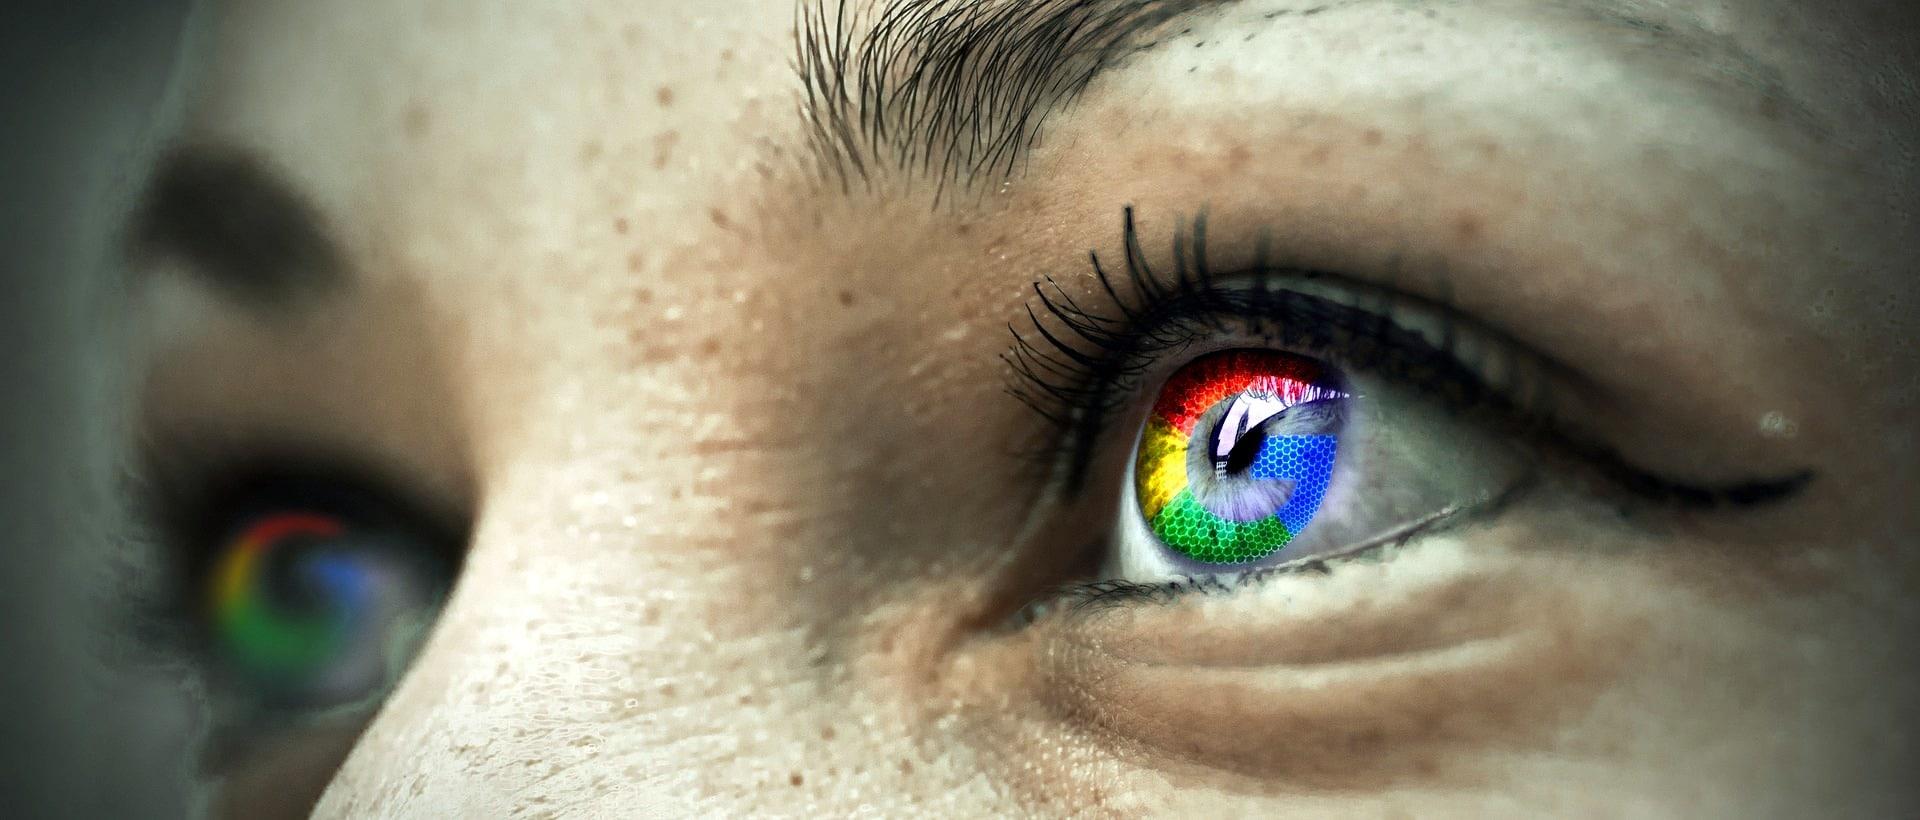 Réseaux Sociaux : 3 outils gratuits pour améliorer la portée de vos images